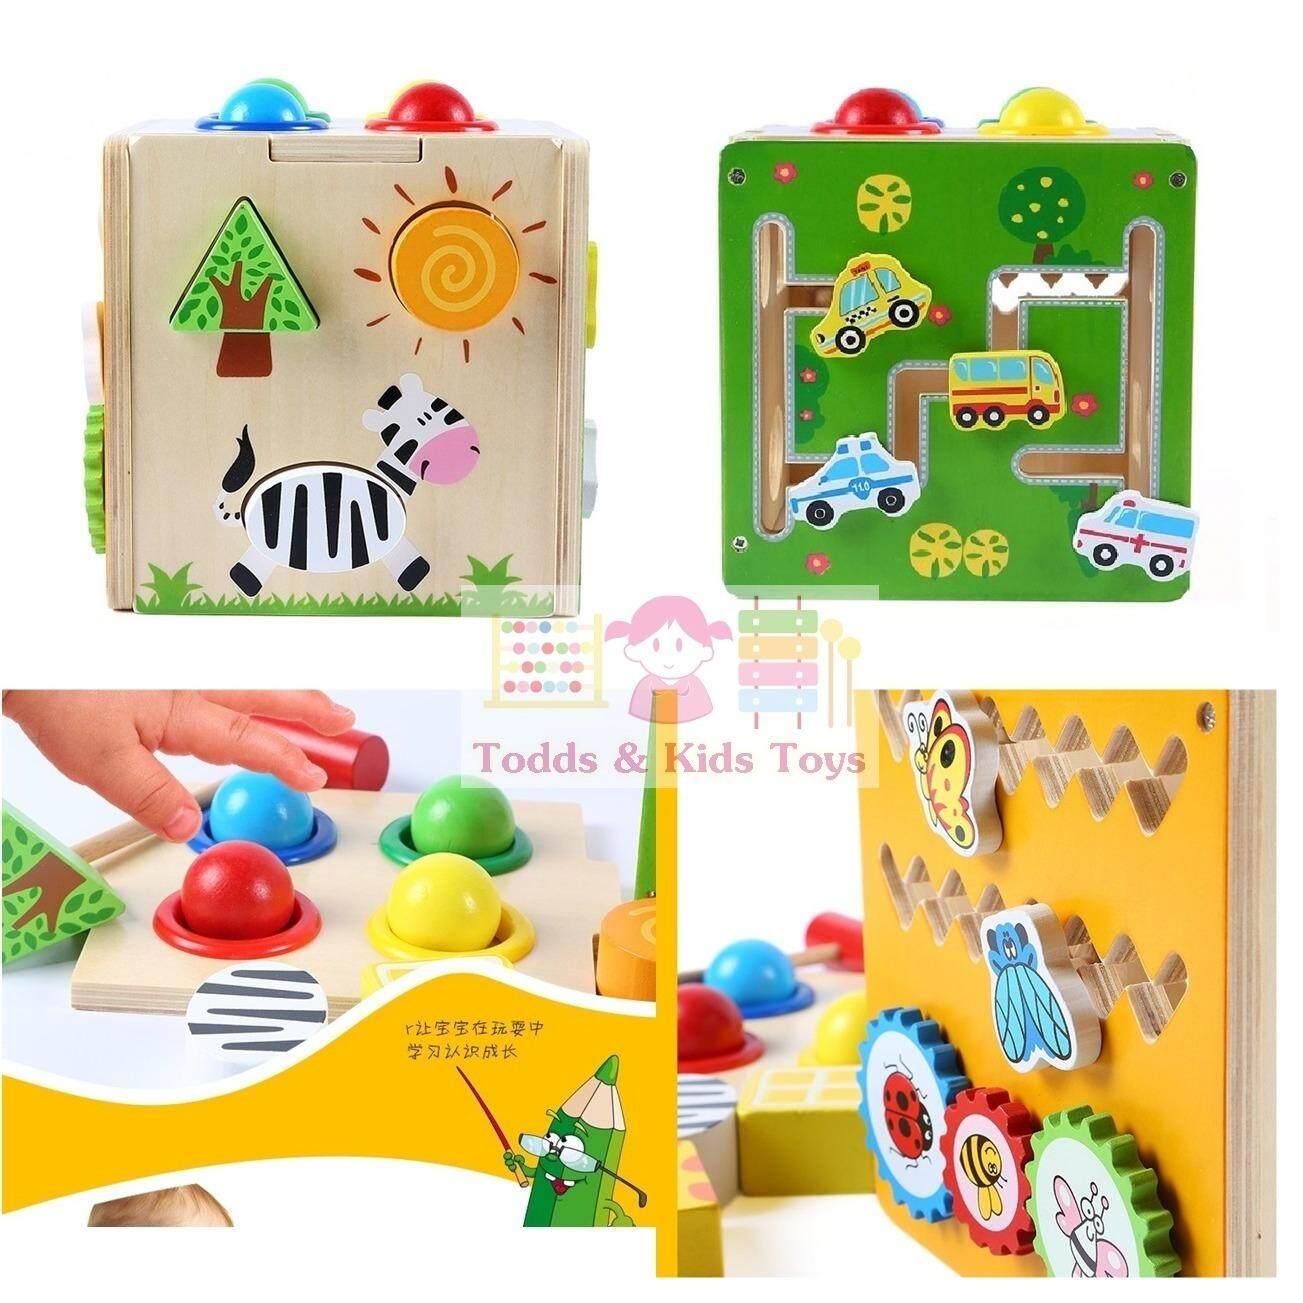 ส่วนลด Todds Kids Toys ของเล่นเสริมพัฒนาการ ของเล่นไม้ กล่องกิจกรรมฝึกกล้ามเนื้อ ตอกทุบ หยอดบล็อก รางเลื่อน